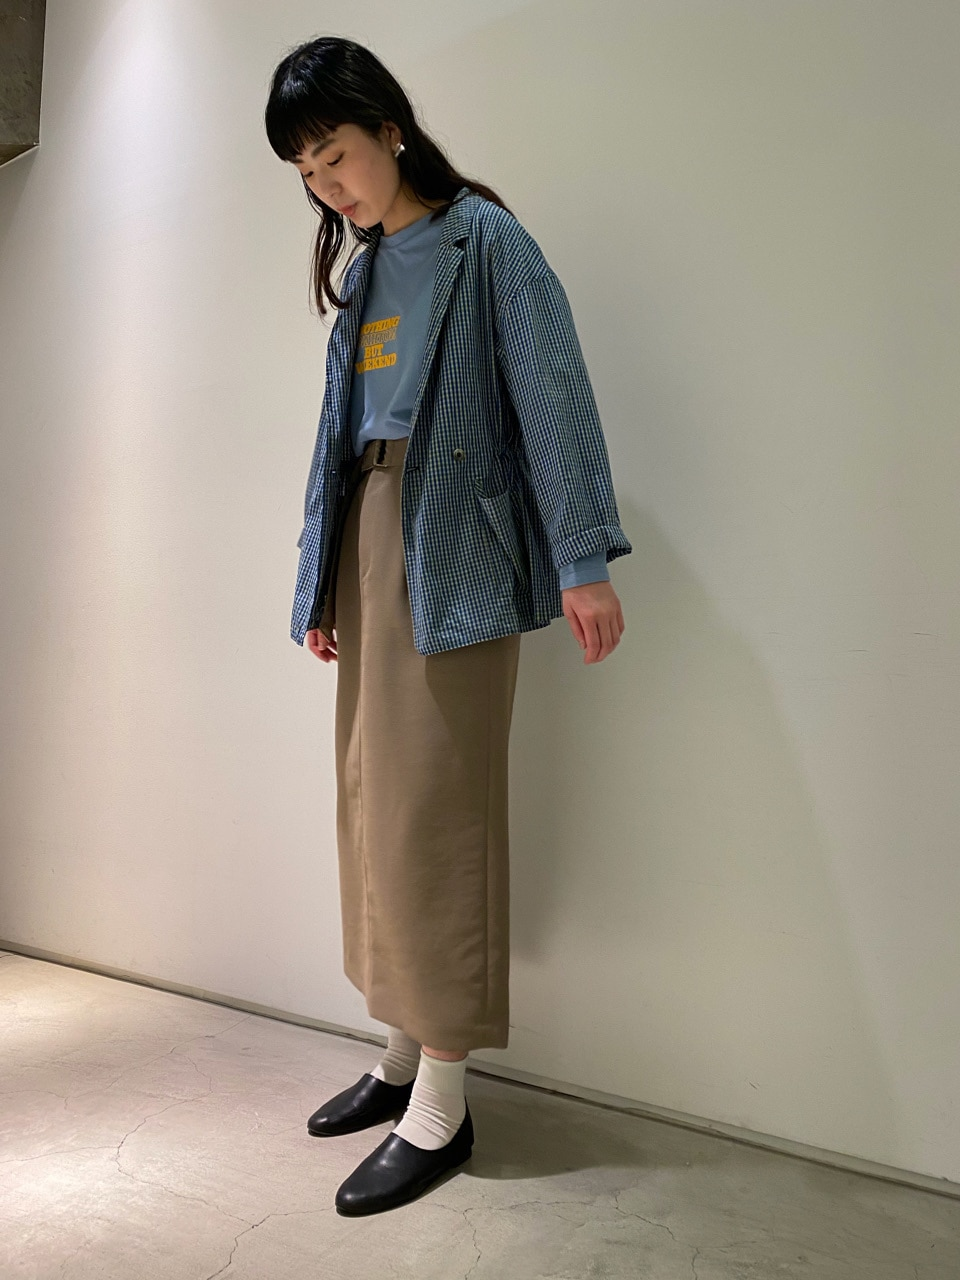 note et silence. 横浜ジョイナス 身長:168cm 2021.04.30